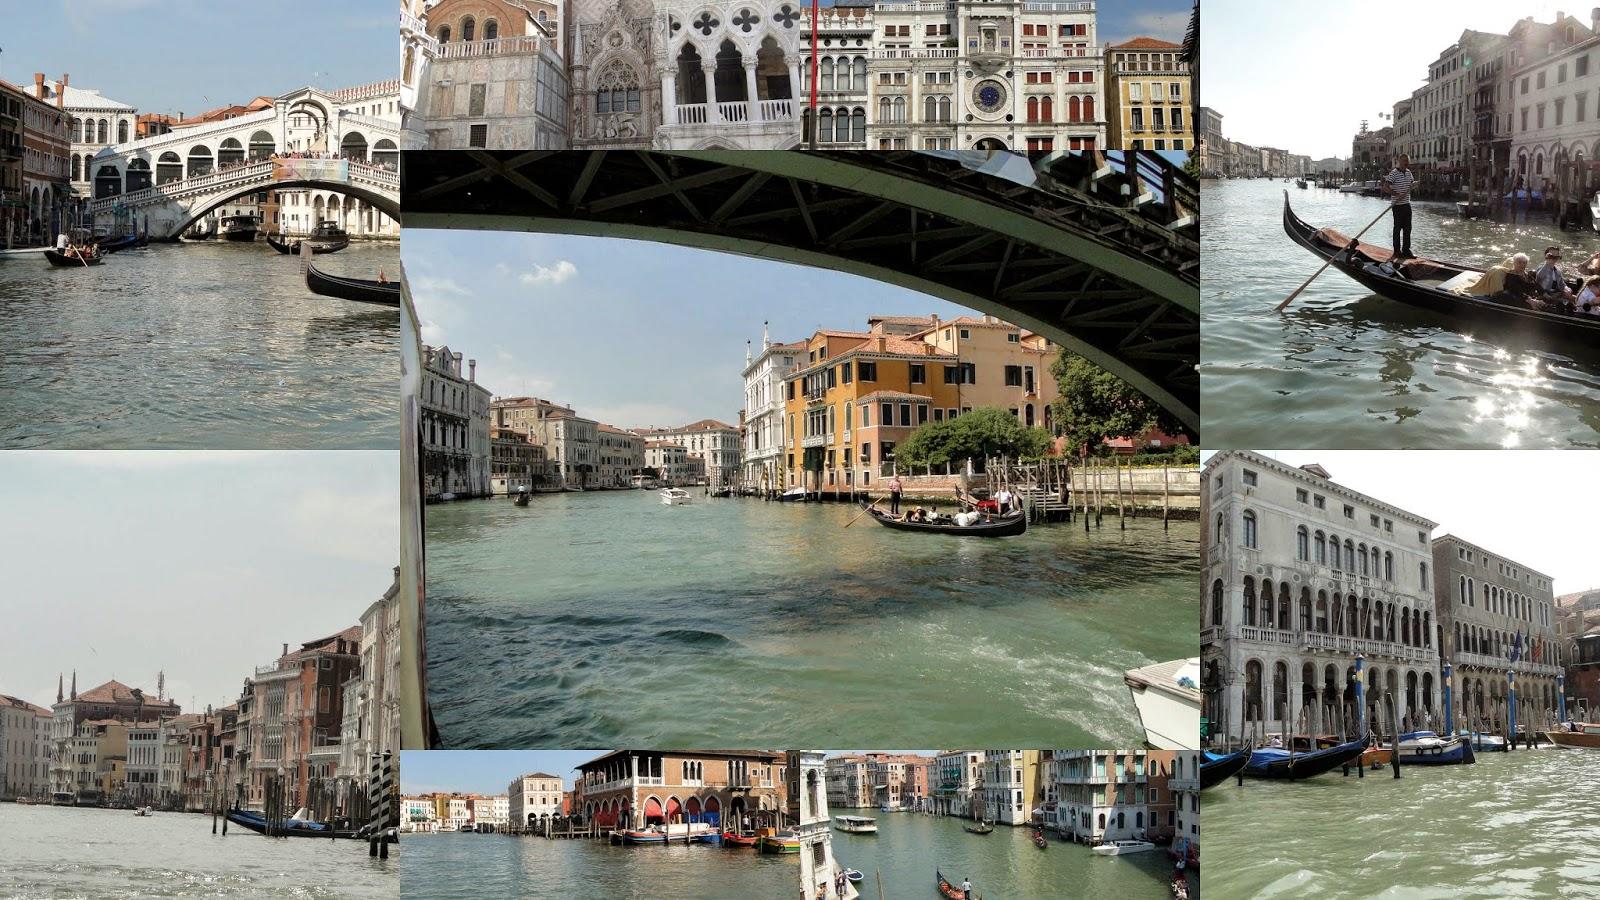 wspomnienia z Wenecji